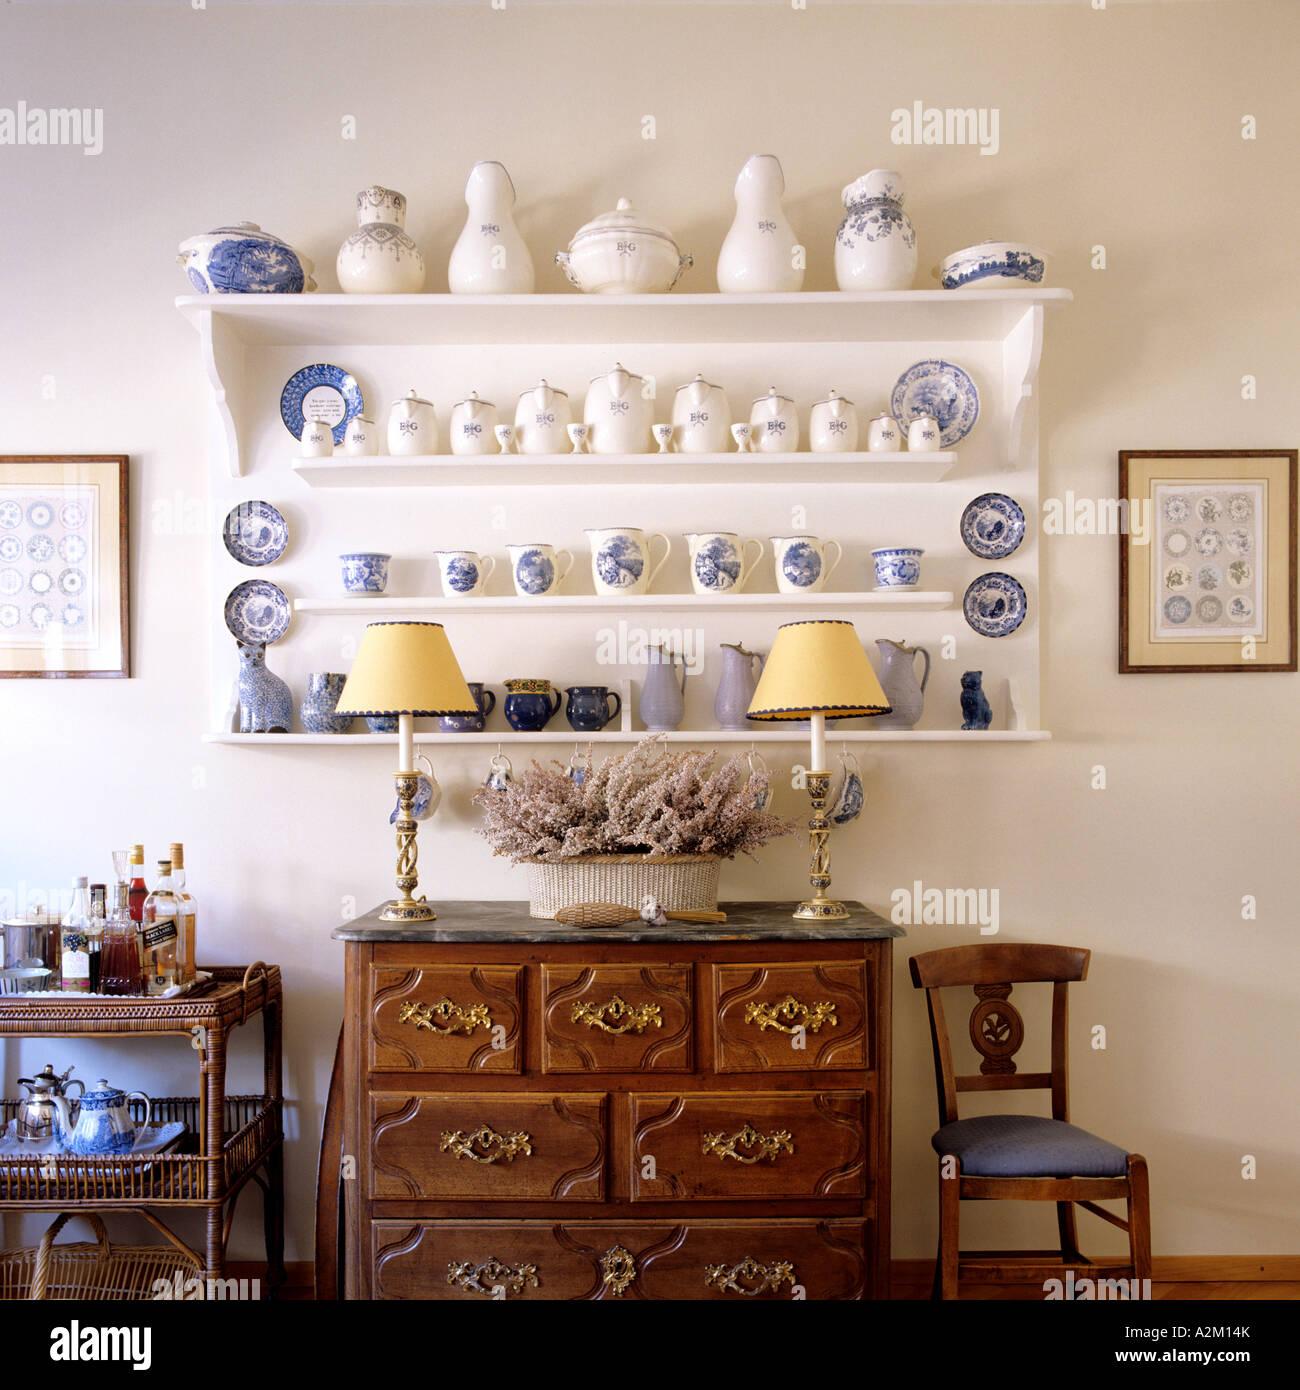 La chine affiche bleu et blanc sur une étagère dans une salle à manger traditionnelle Photo Stock